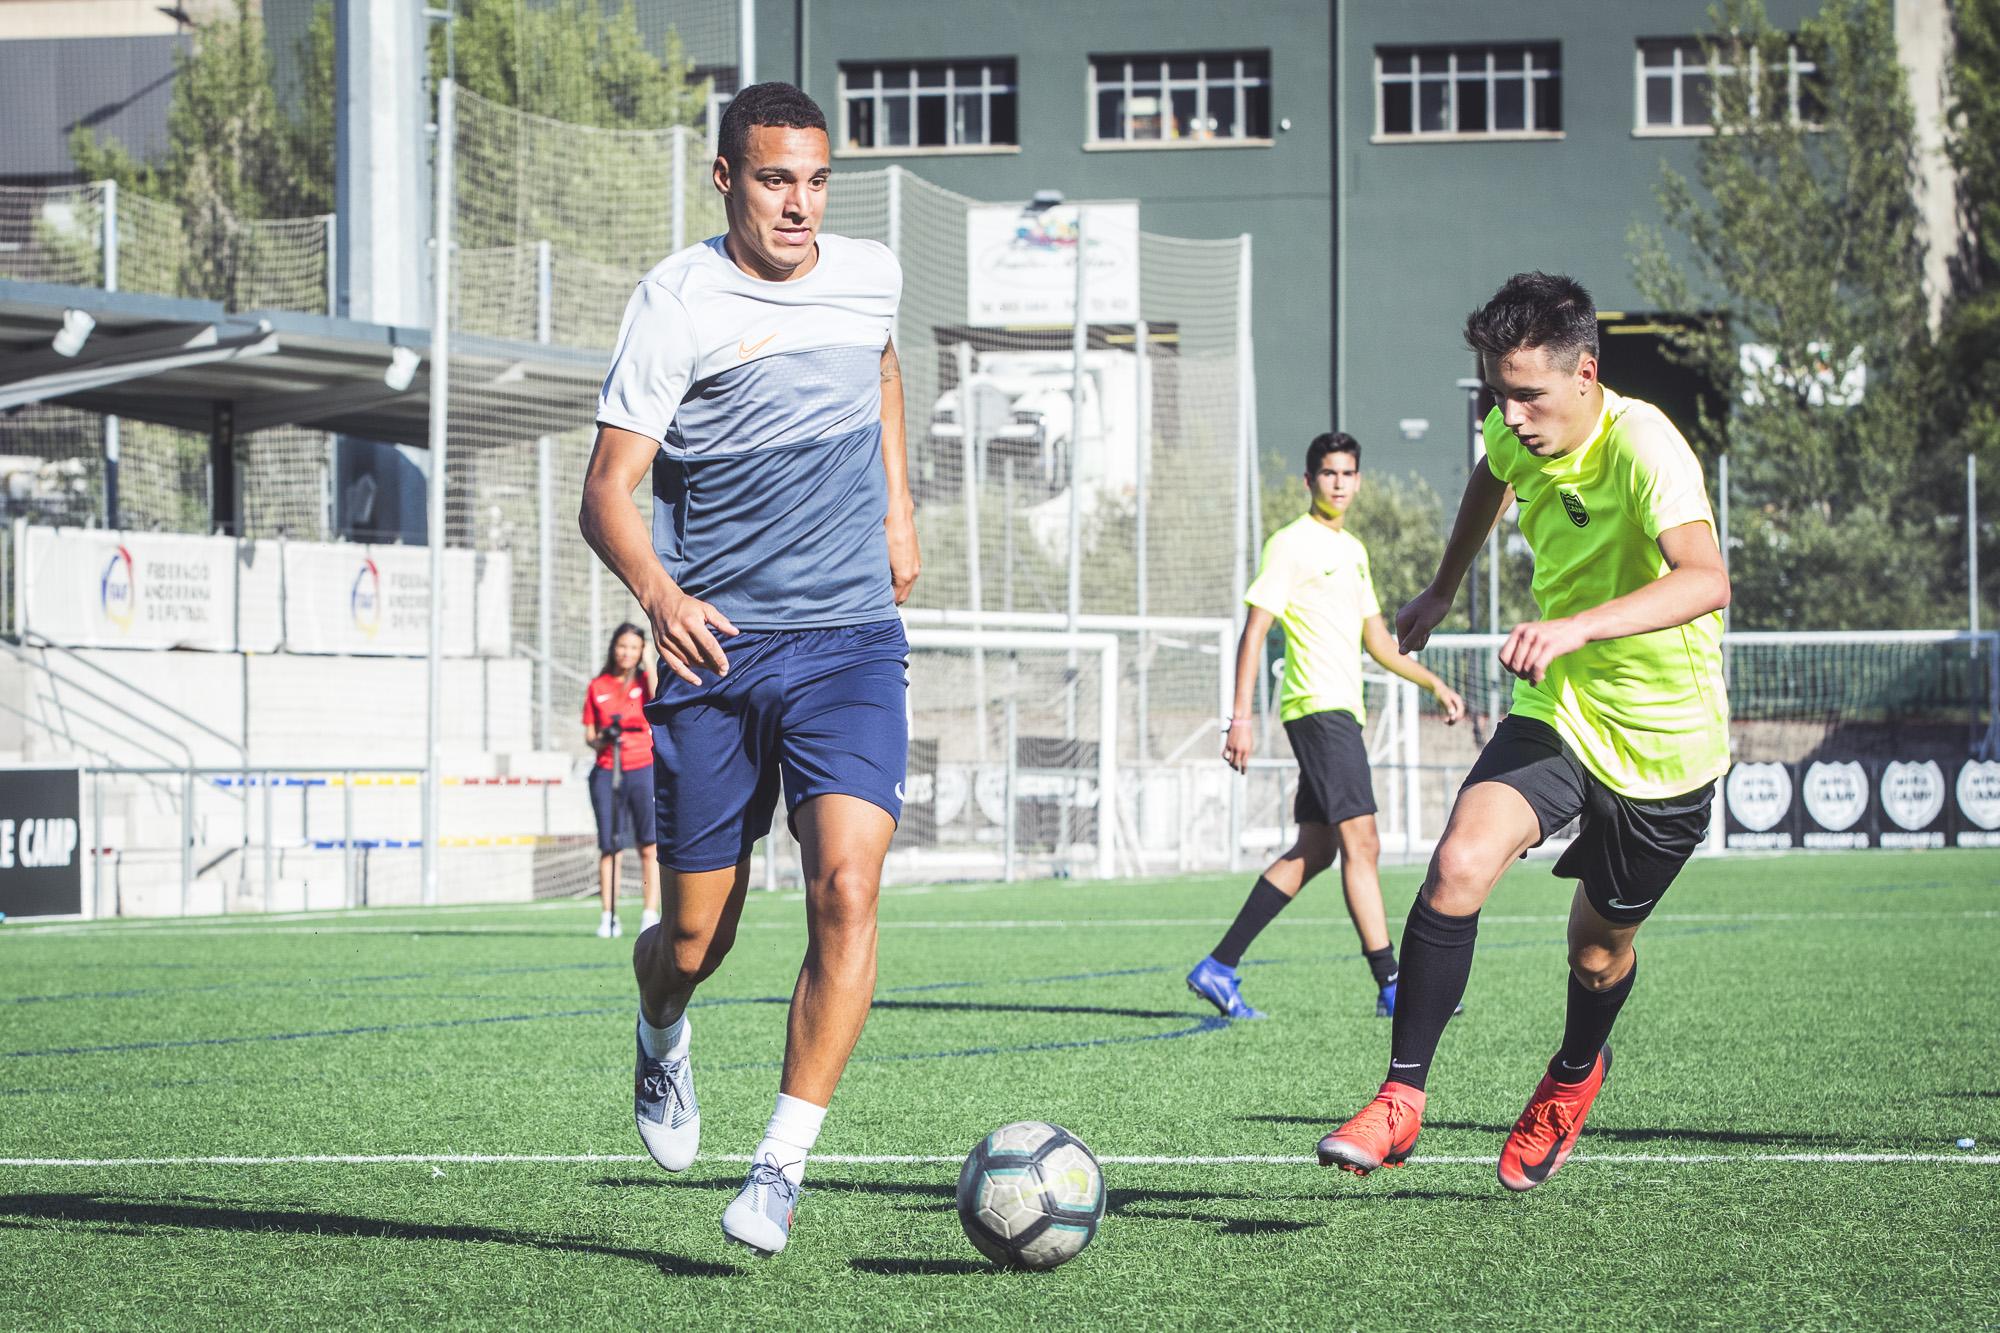 50% rebajado descuento en venta selección especial de Nike Camp | Campus de fútbol, basket y futsal en Andorra